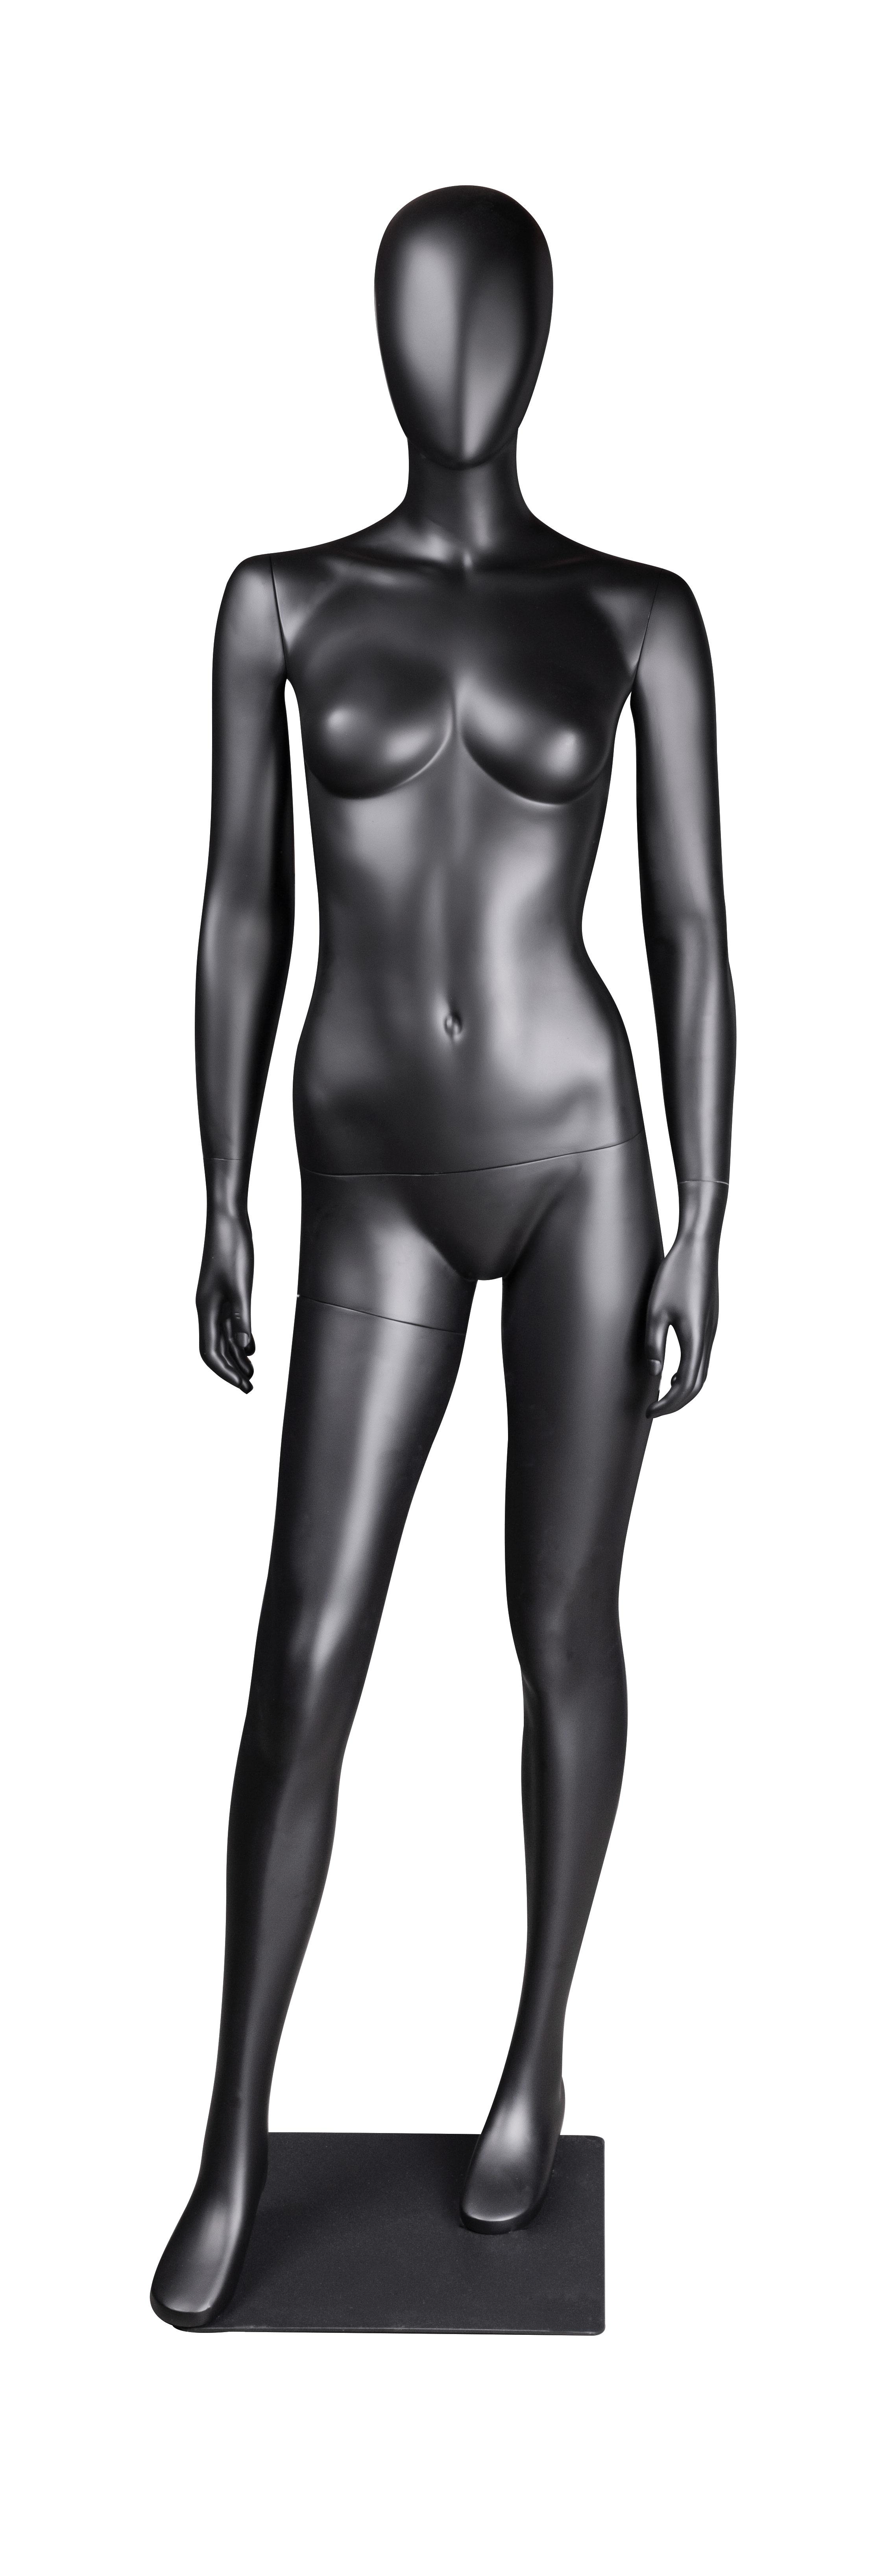 figurína dámská, nakročená vpřed, černá matná